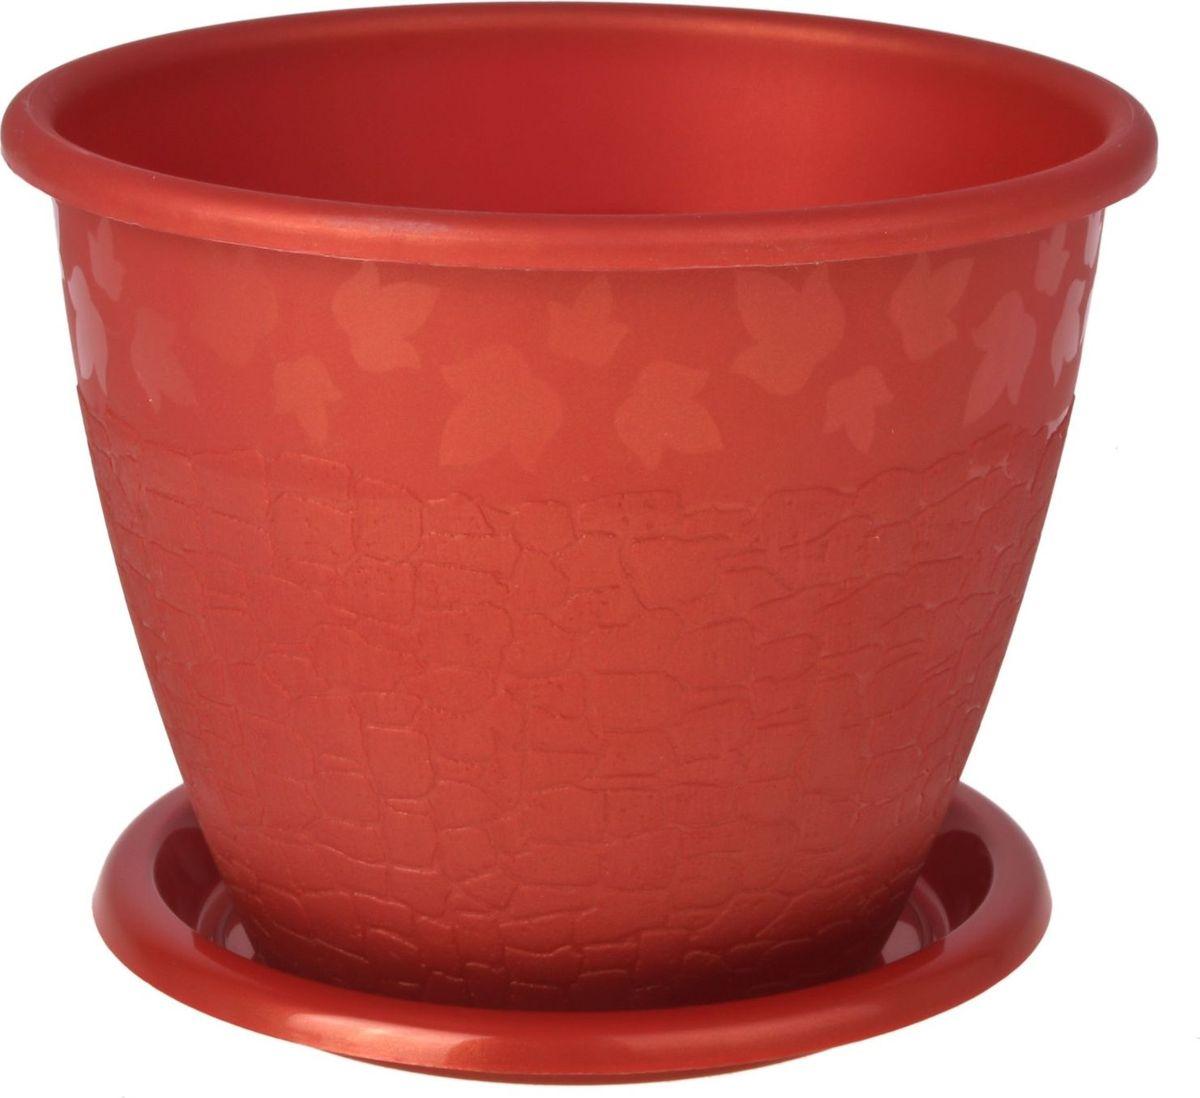 Горшок для цветов Альтернатива Розалия, с поддоном, цвет: медный, 1,2 л577759Любой, даже самый современный и продуманный интерьер будет не завершённым без растений. Они не только очищают воздух и насыщают его кислородом, но и заметно украшают окружающее пространство. Такому полезному &laquo члену семьи&raquoпросто необходимо красивое и функциональное кашпо, оригинальный горшок или необычная ваза! Мы предлагаем - Горшок для цветов с поддоном 1,2 л Розалия, цвет медный!Оптимальный выбор материала &mdash &nbsp пластмасса! Почему мы так считаем? Малый вес. С лёгкостью переносите горшки и кашпо с места на место, ставьте их на столики или полки, подвешивайте под потолок, не беспокоясь о нагрузке. Простота ухода. Пластиковые изделия не нуждаются в специальных условиях хранения. Их&nbsp легко чистить &mdashдостаточно просто сполоснуть тёплой водой. Никаких царапин. Пластиковые кашпо не царапают и не загрязняют поверхности, на которых стоят. Пластик дольше хранит влагу, а значит &mdashрастение реже нуждается в поливе. Пластмасса не пропускает воздух &mdashкорневой системе растения не грозят резкие перепады температур. Огромный выбор форм, декора и расцветок &mdashвы без труда подберёте что-то, что идеально впишется в уже существующий интерьер.Соблюдая нехитрые правила ухода, вы можете заметно продлить срок службы горшков, вазонов и кашпо из пластика: всегда учитывайте размер кроны и корневой системы растения (при разрастании большое растение способно повредить маленький горшок)берегите изделие от воздействия прямых солнечных лучей, чтобы кашпо и горшки не выцветалидержите кашпо и горшки из пластика подальше от нагревающихся поверхностей.Создавайте прекрасные цветочные композиции, выращивайте рассаду или необычные растения, а низкие цены позволят вам не ограничивать себя в выборе.